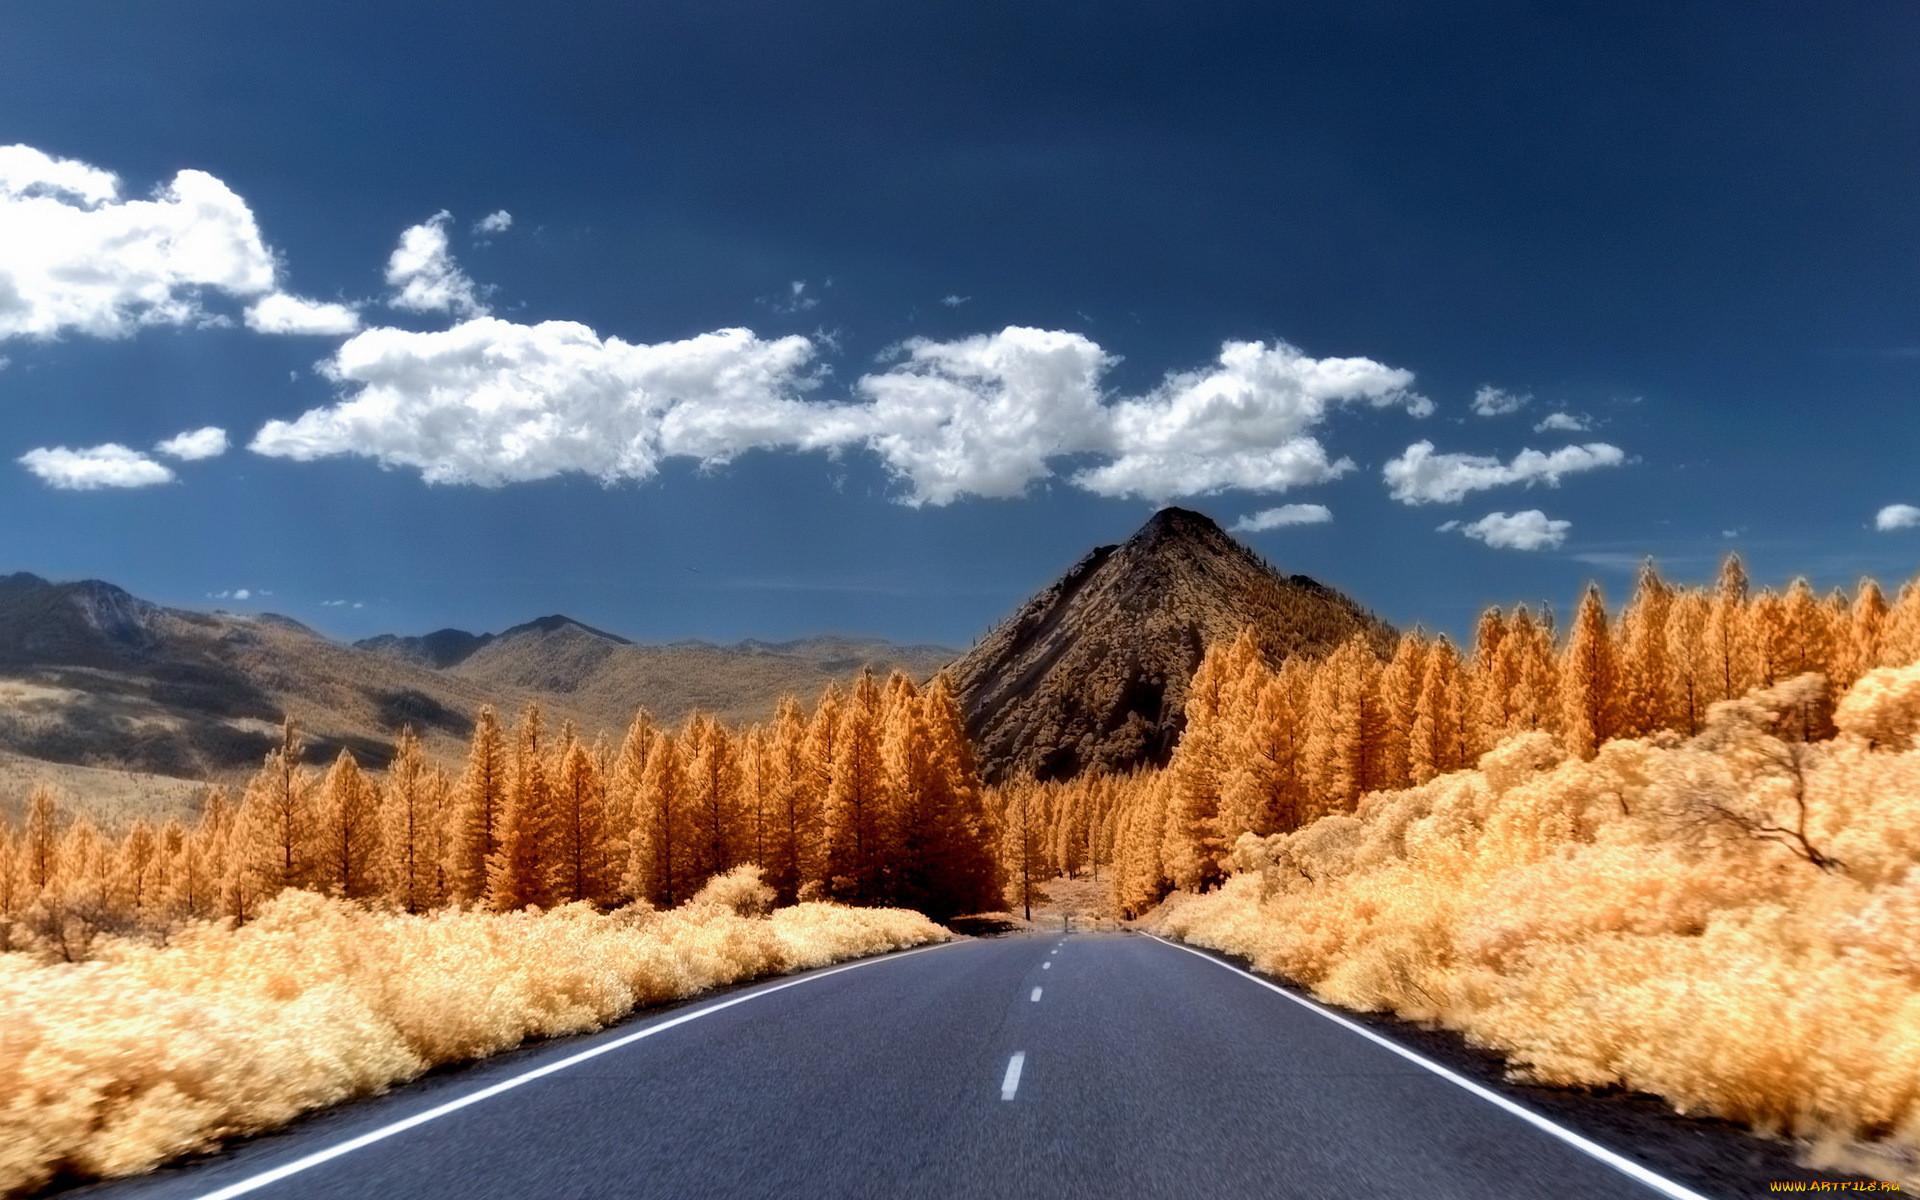 способ картинка с природой и дорог разрезать вдоль хребта